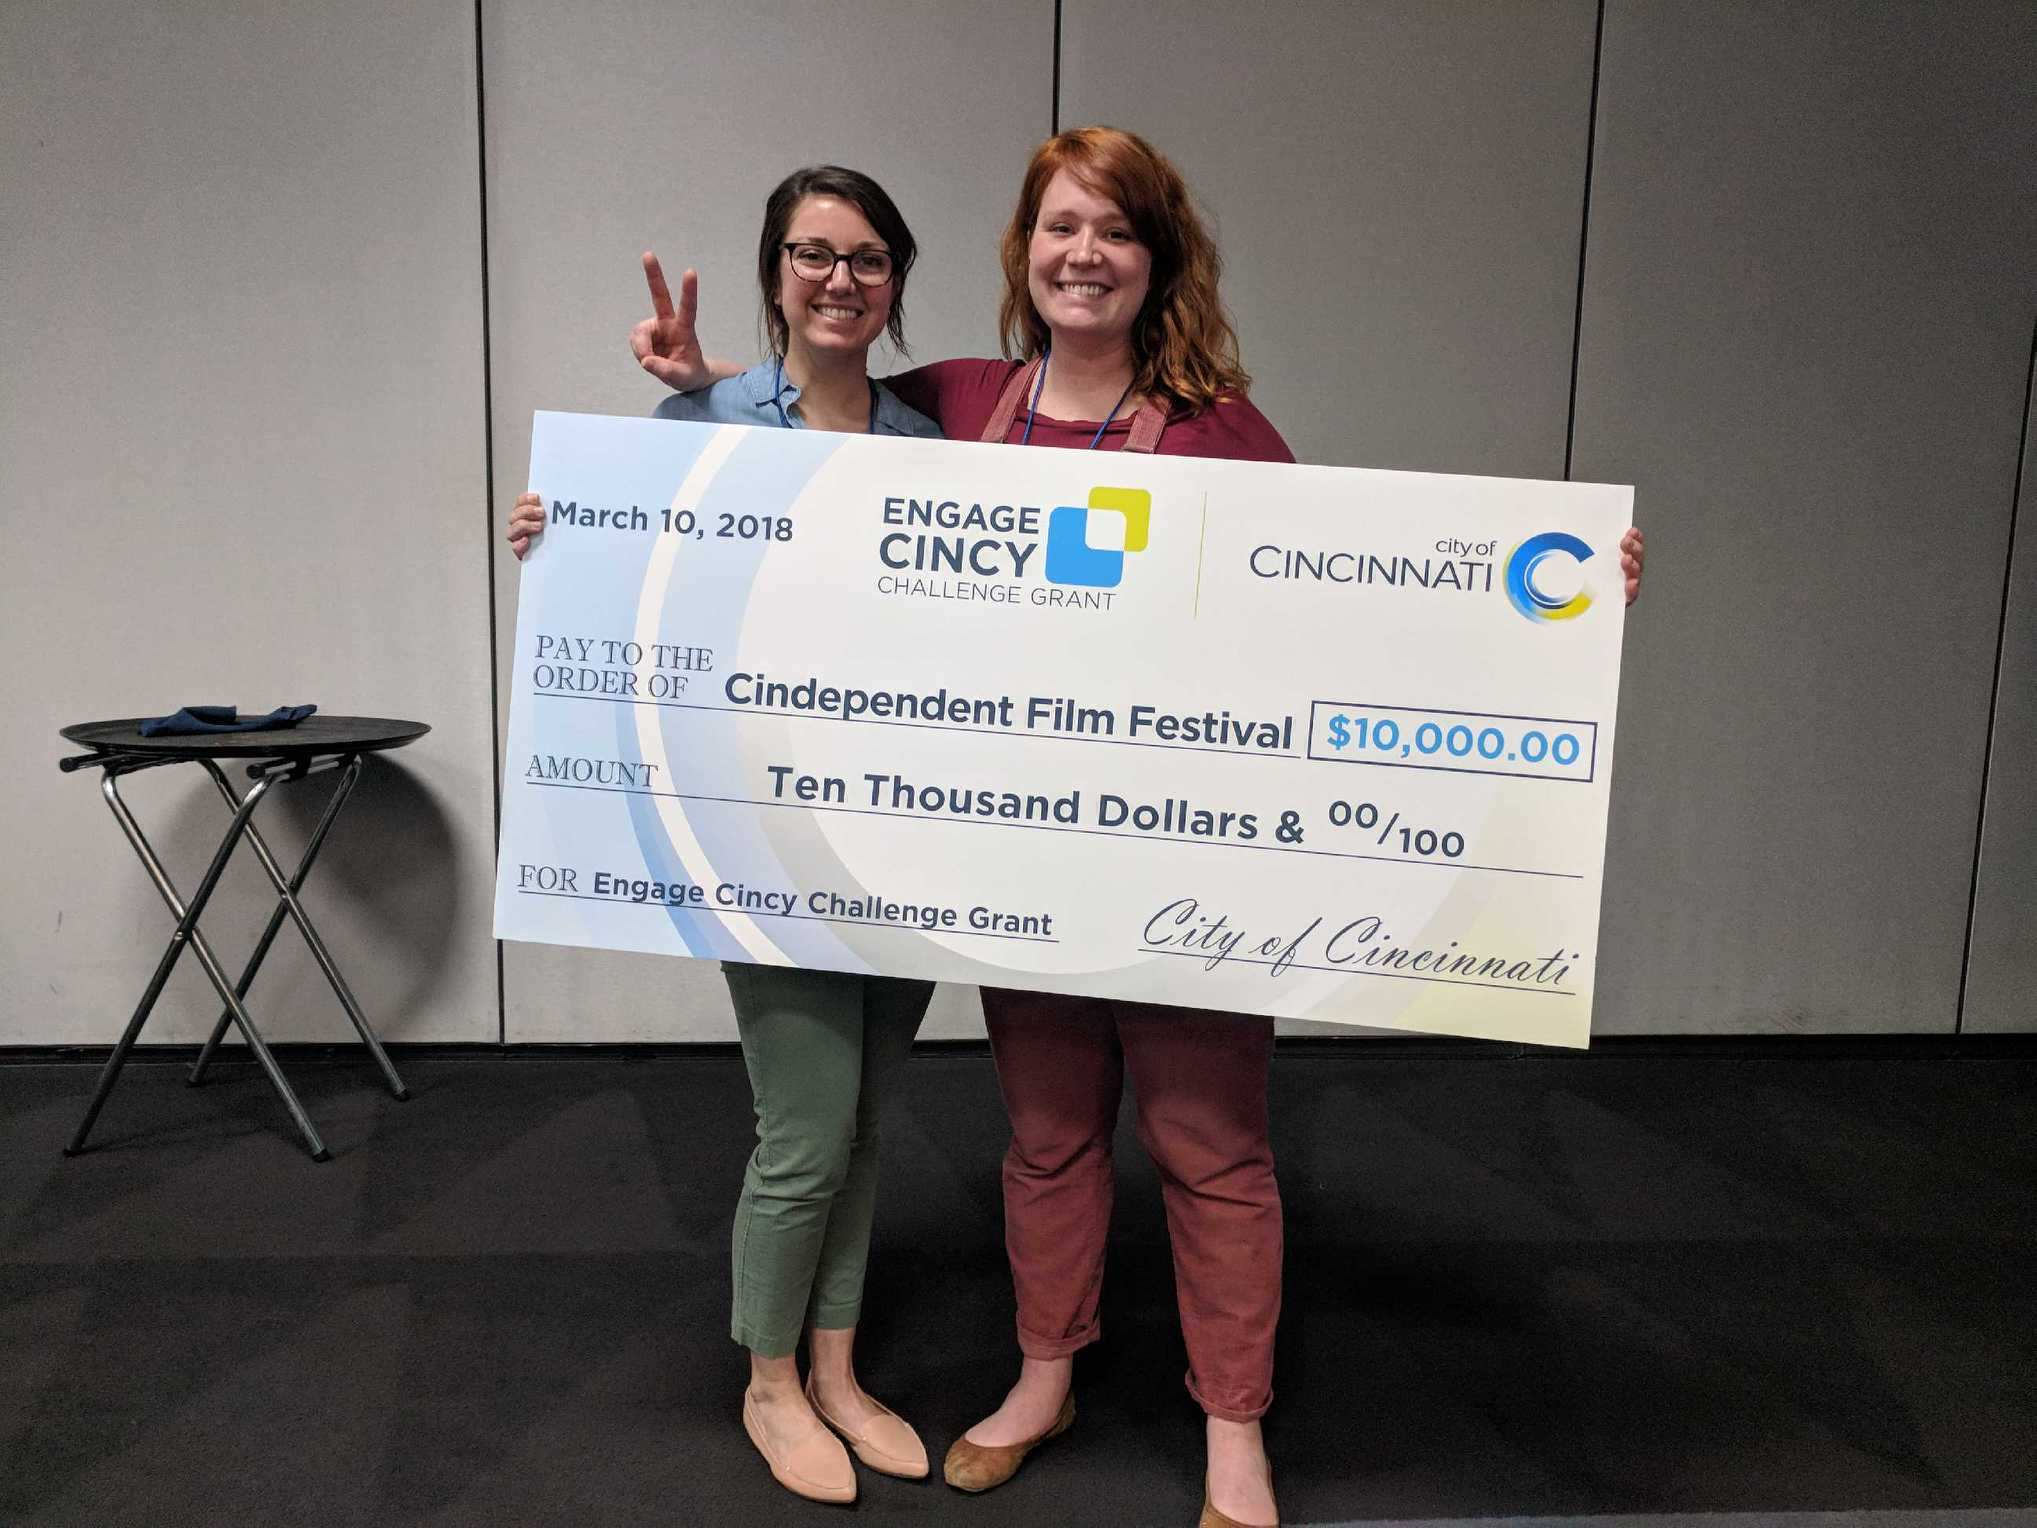 Angela Holman(L) and Allyson West(R) win Engage Cincy grant1.jpg